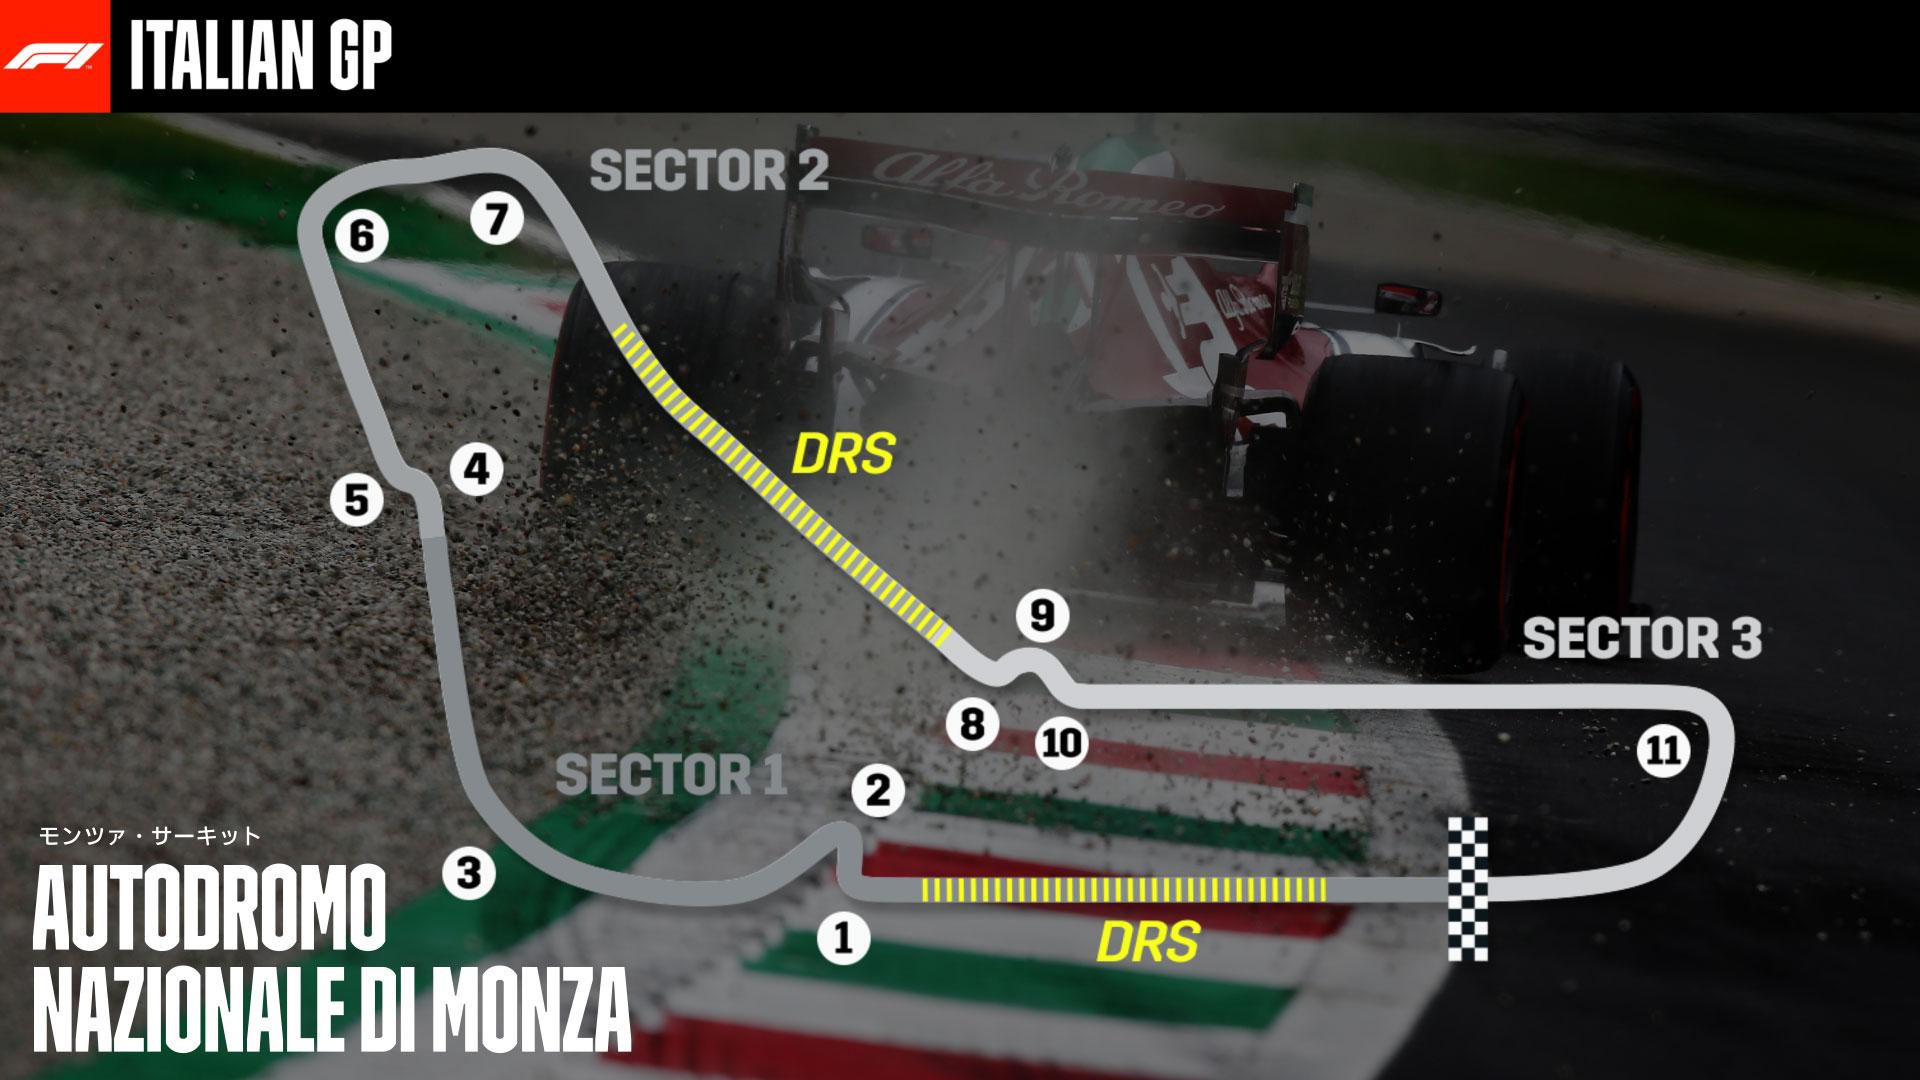 2020-07-27 Italia Formula 1 F1 Course